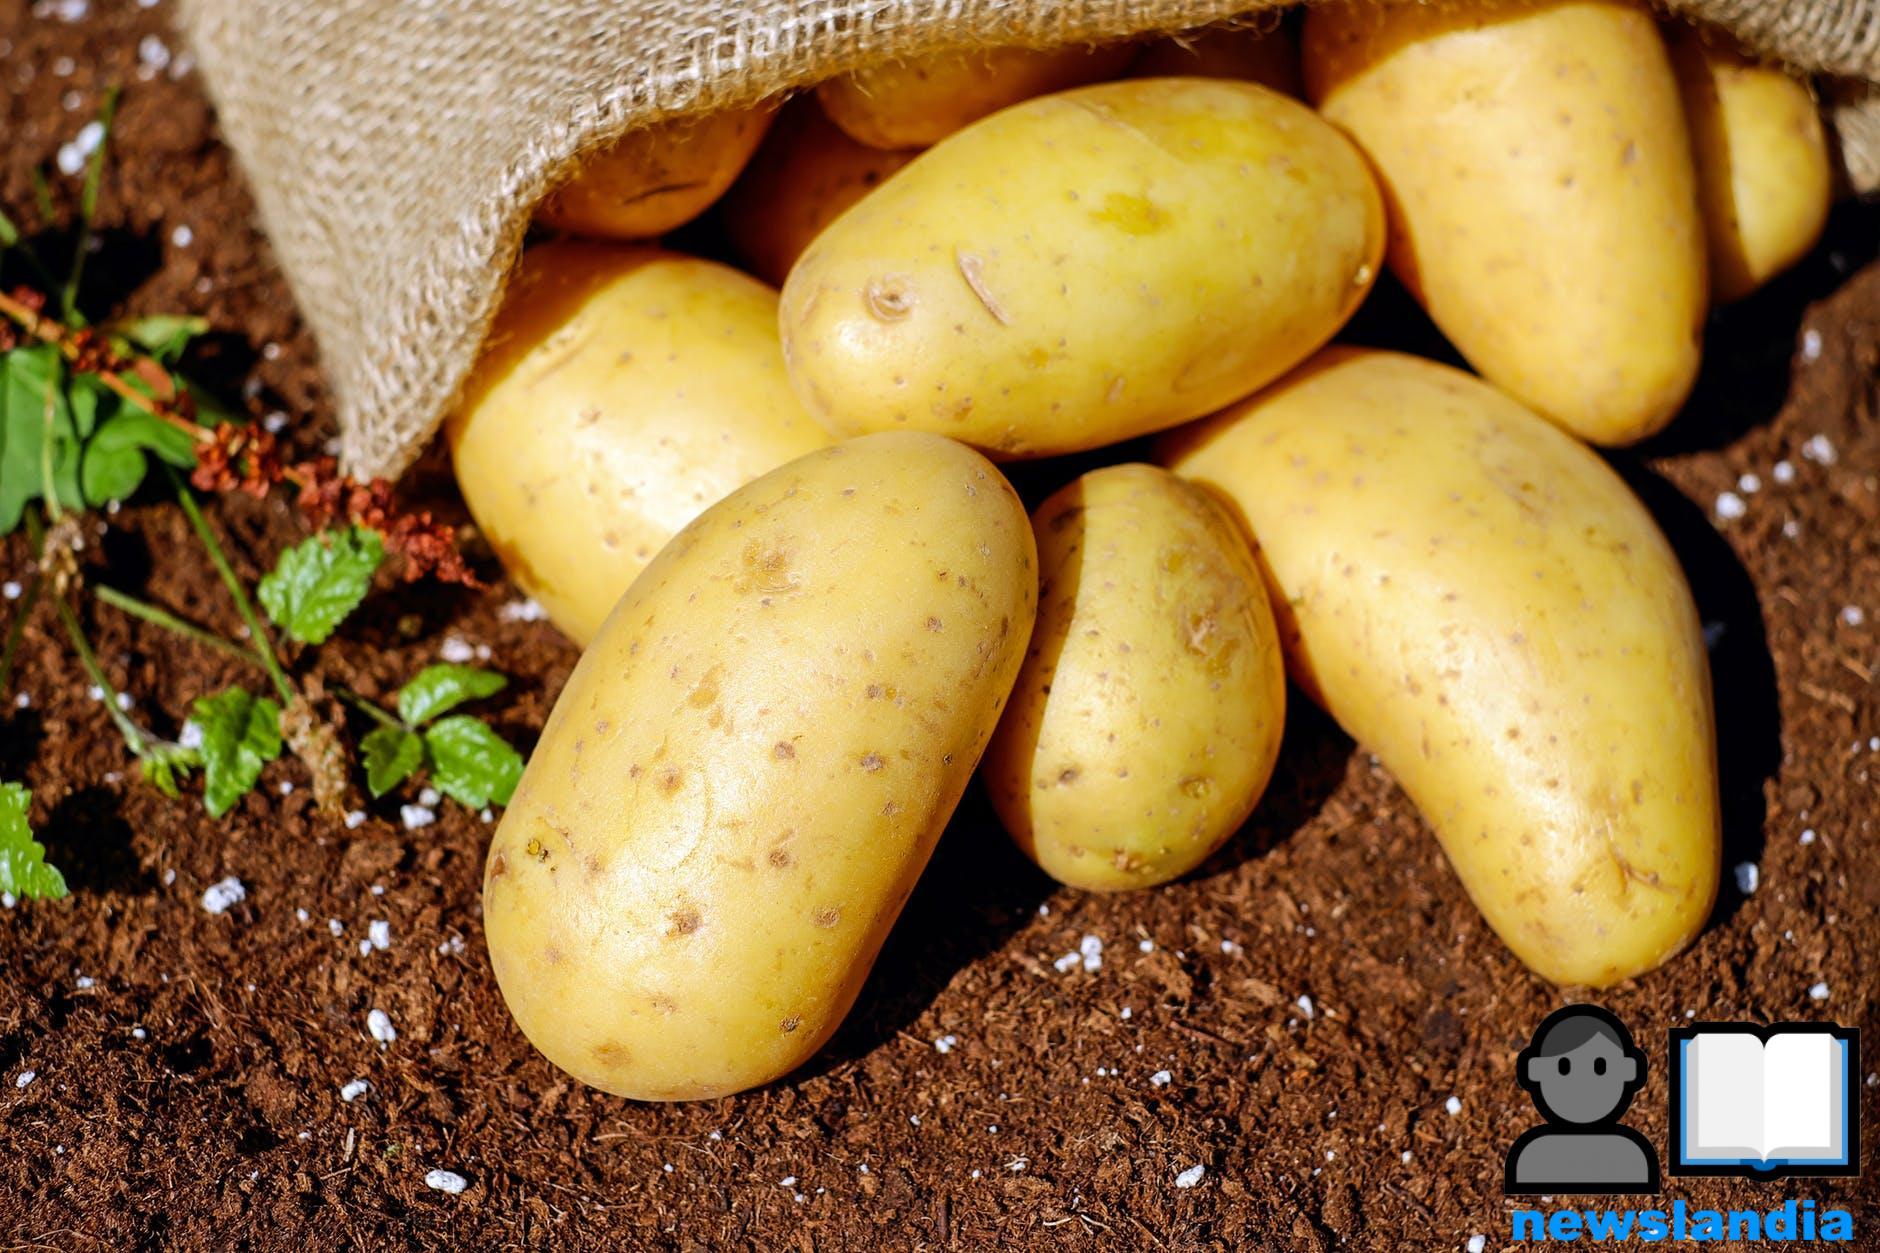 La patata: le virtù del tubero americano che ha conquistato l'Europa